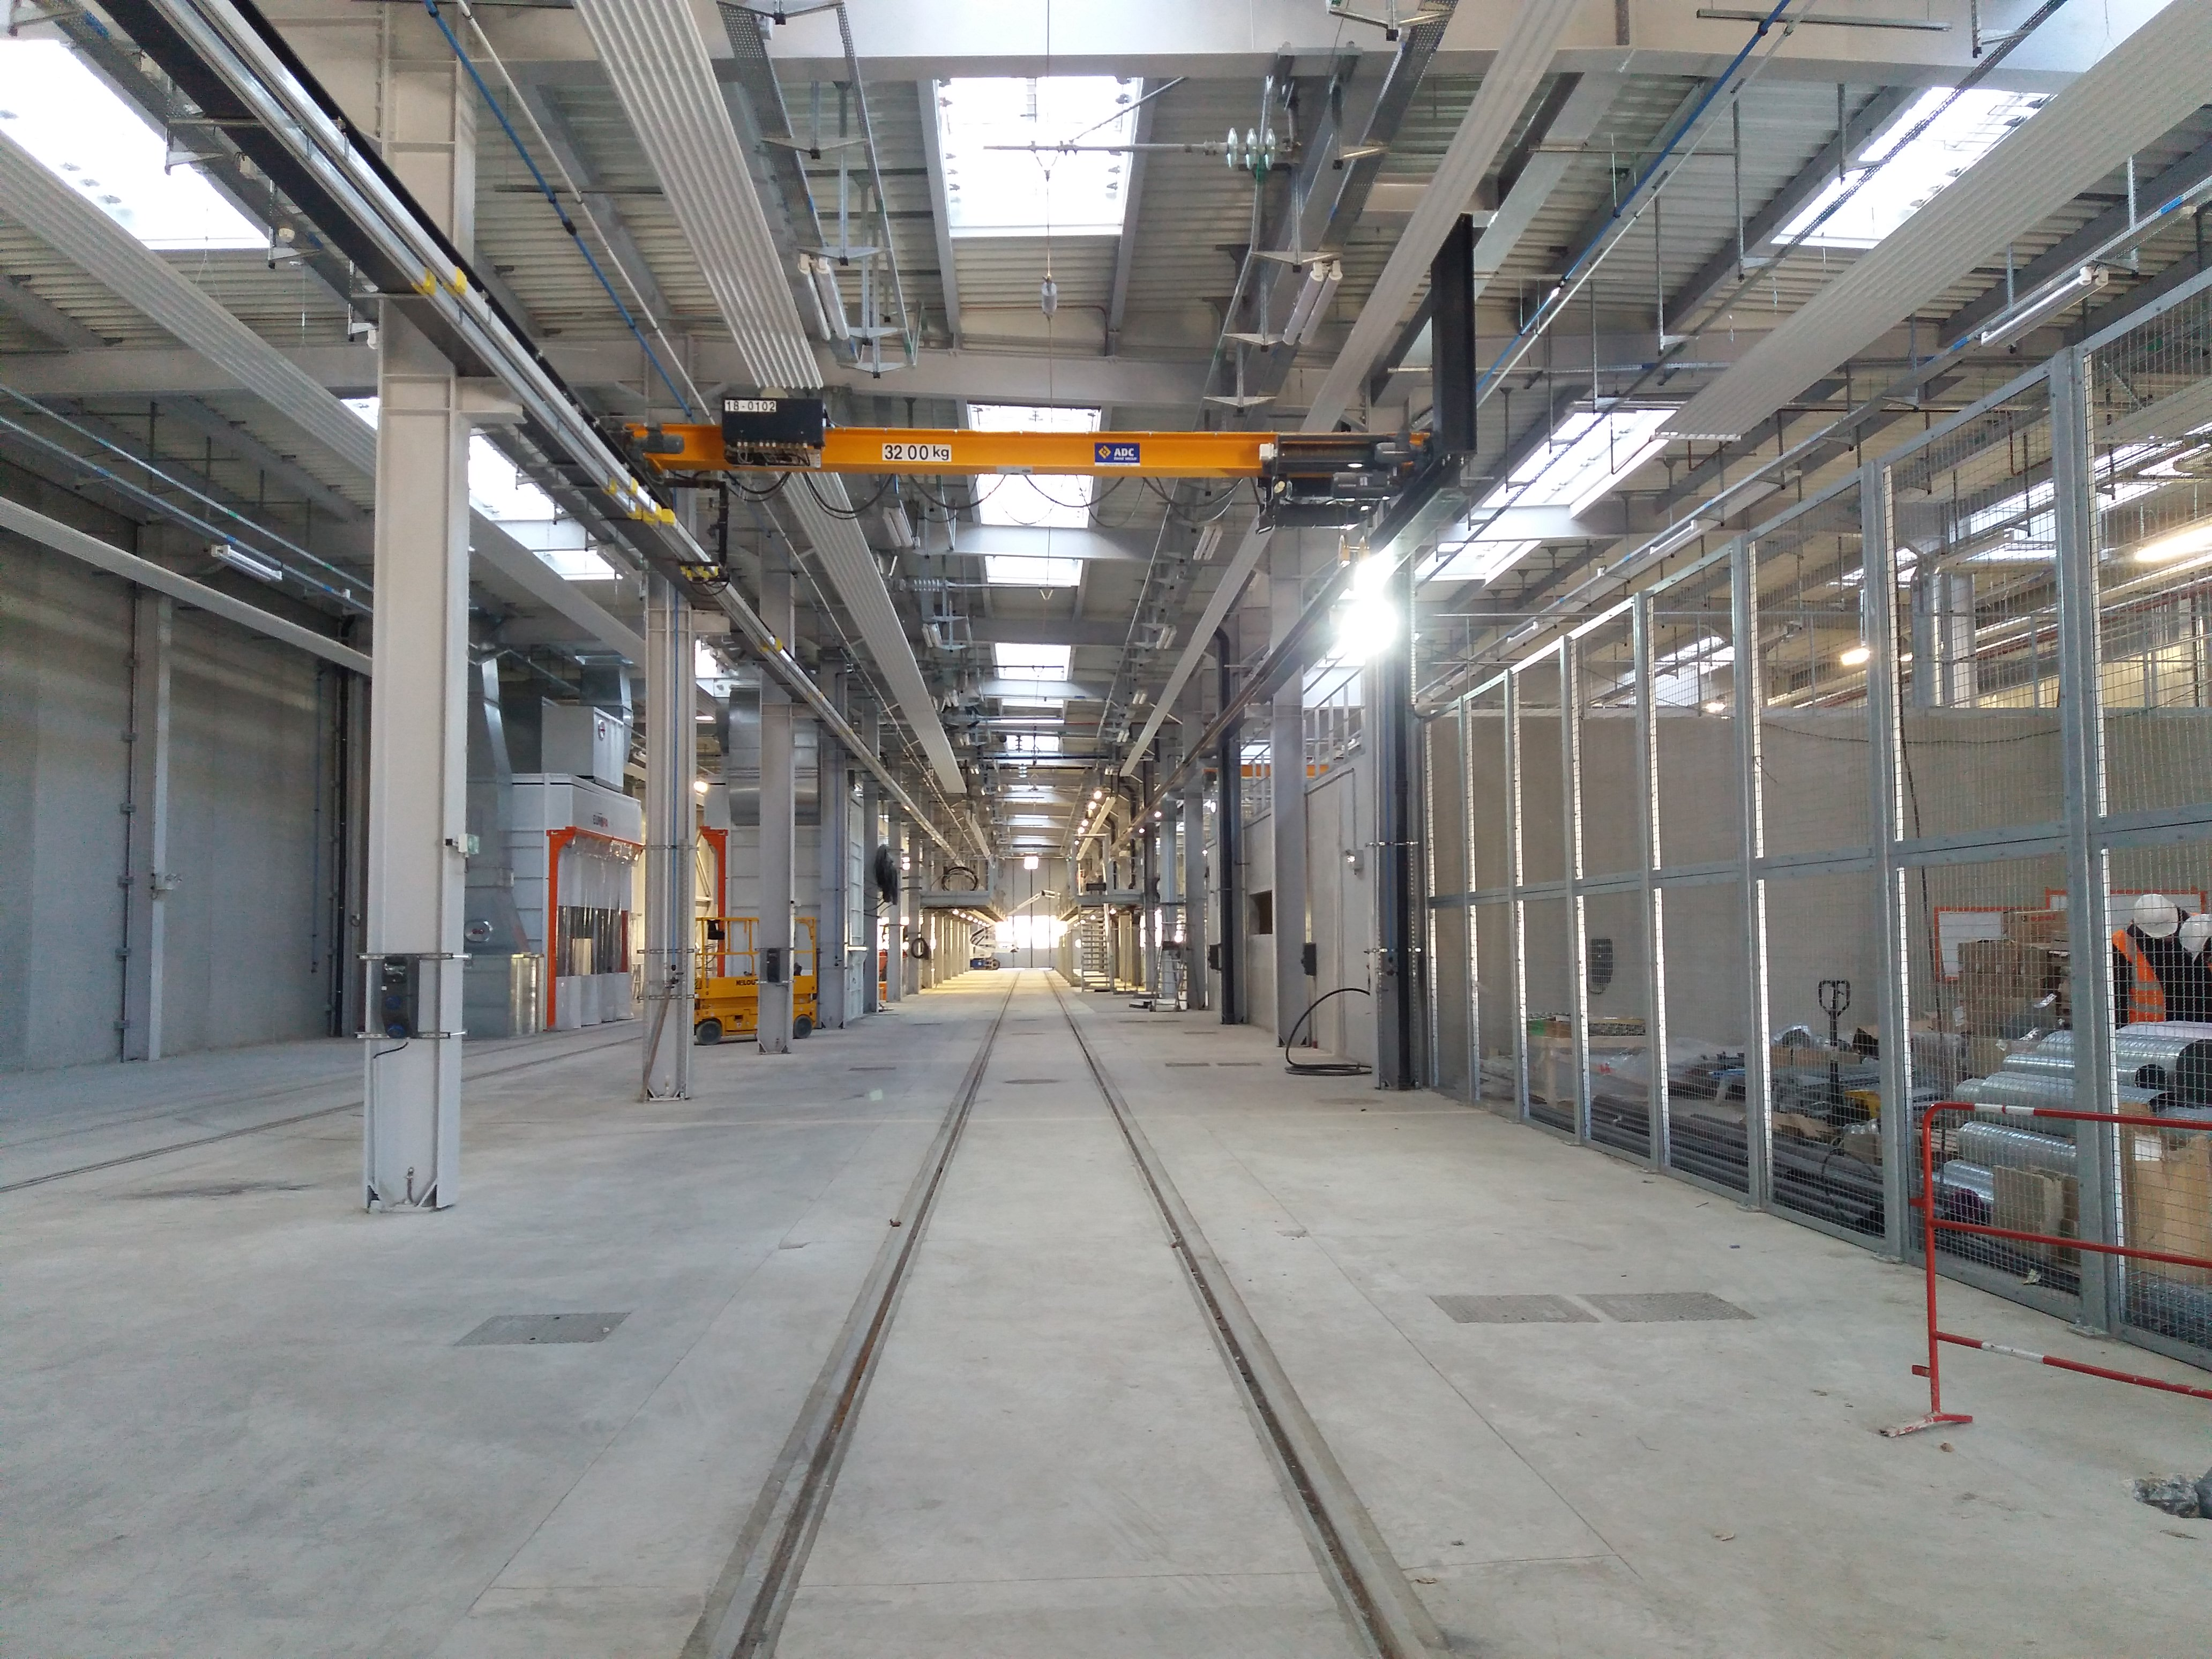 Intérieur de l'atelier de maintenance du tram T13 situé à Versailles Matelots (Novembre 2020) © IDFM